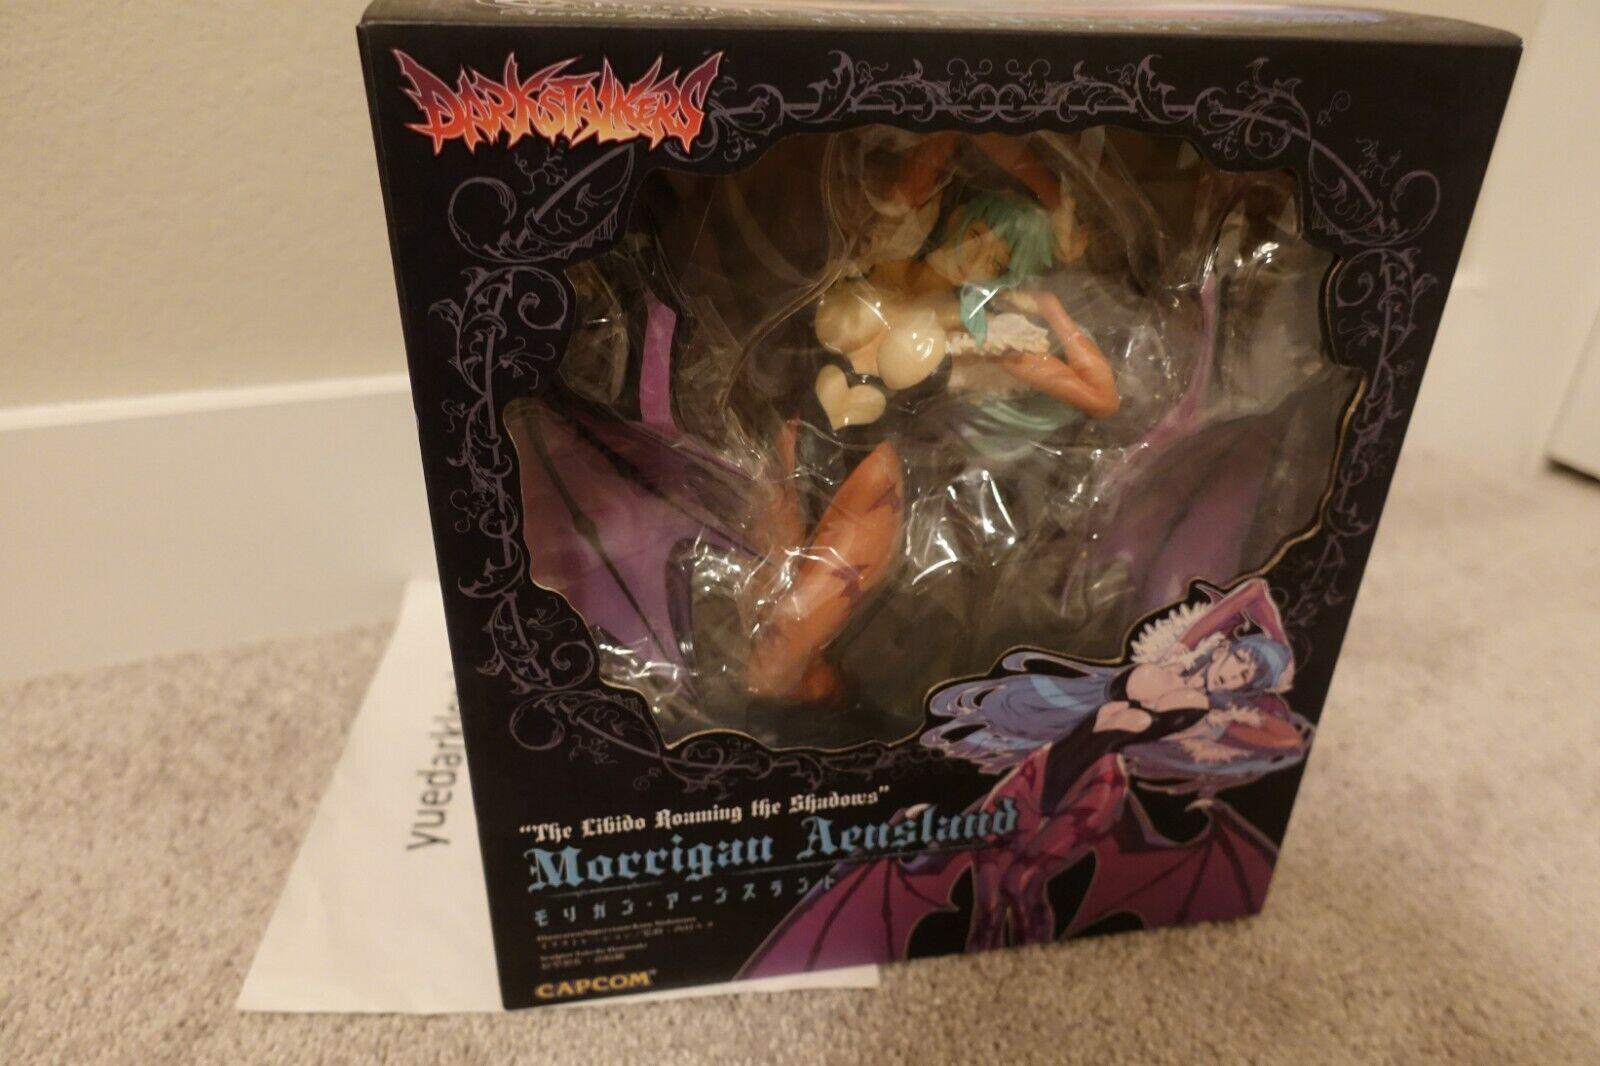 Capcom Figure Builder Creators Model Morrigan Aensland Figure New RARE